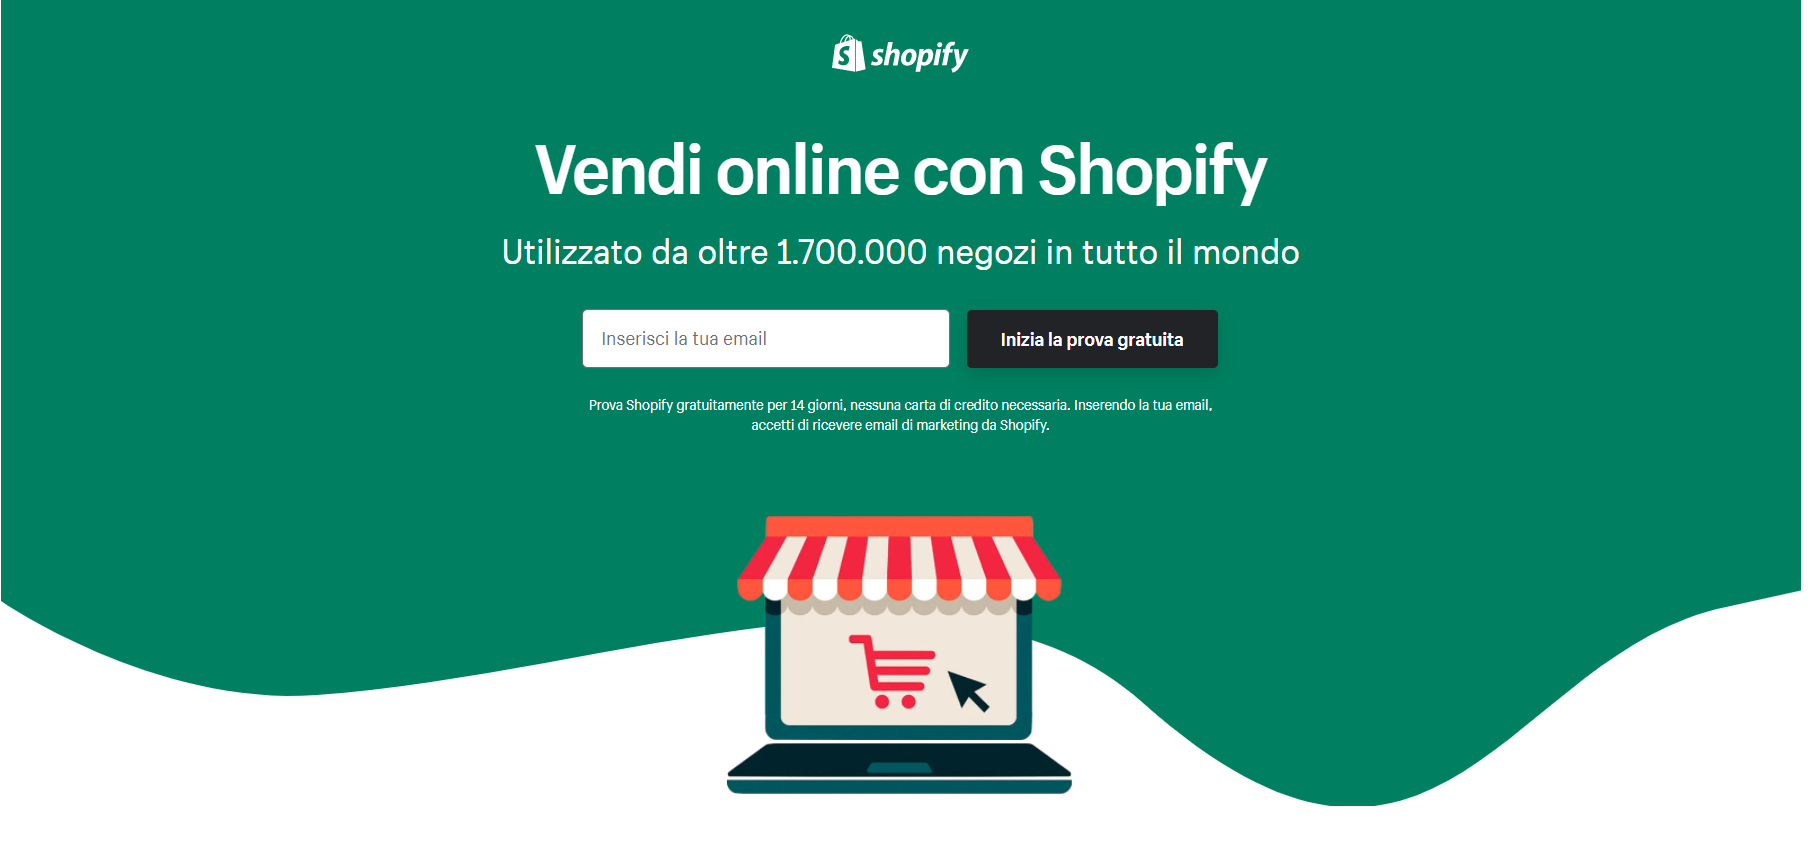 Shopify: creare siti di vendita online